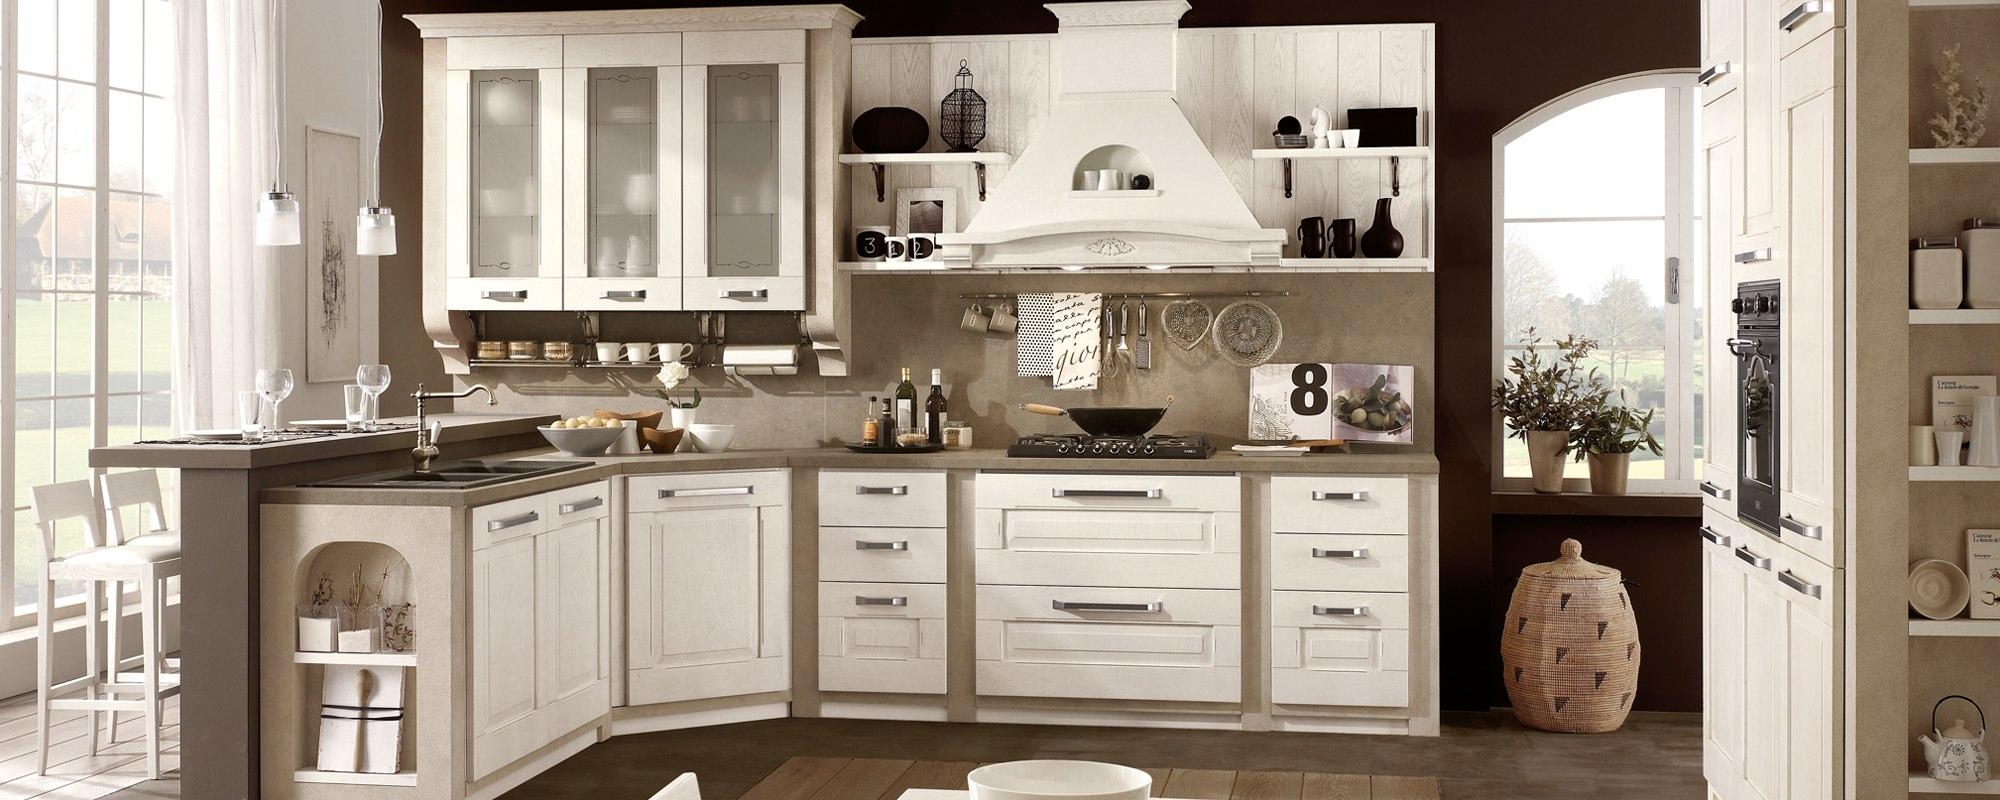 Gruppo inventa mobili ed arredamento classico for Arredamento stile classico